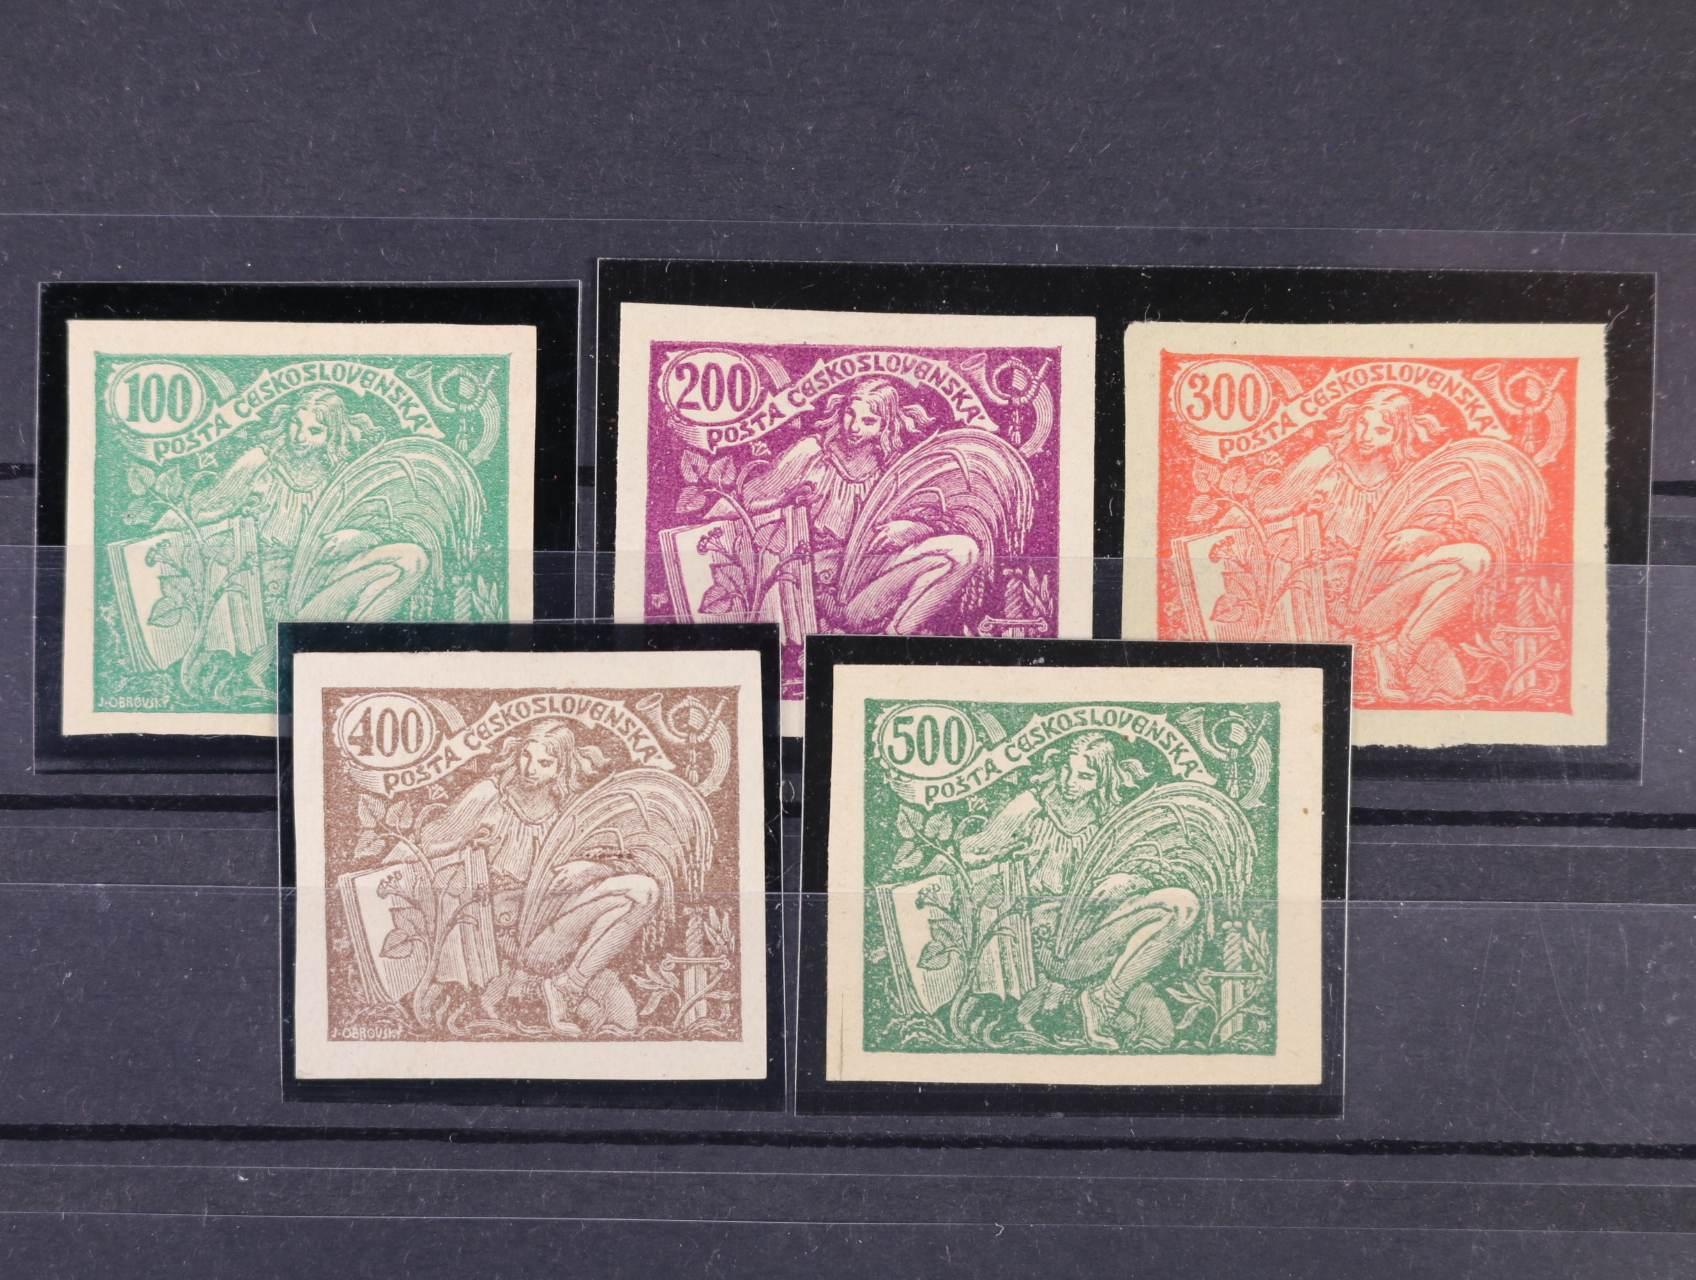 zn. č. 164 N - 168 N, kat. cena 1300 Kč